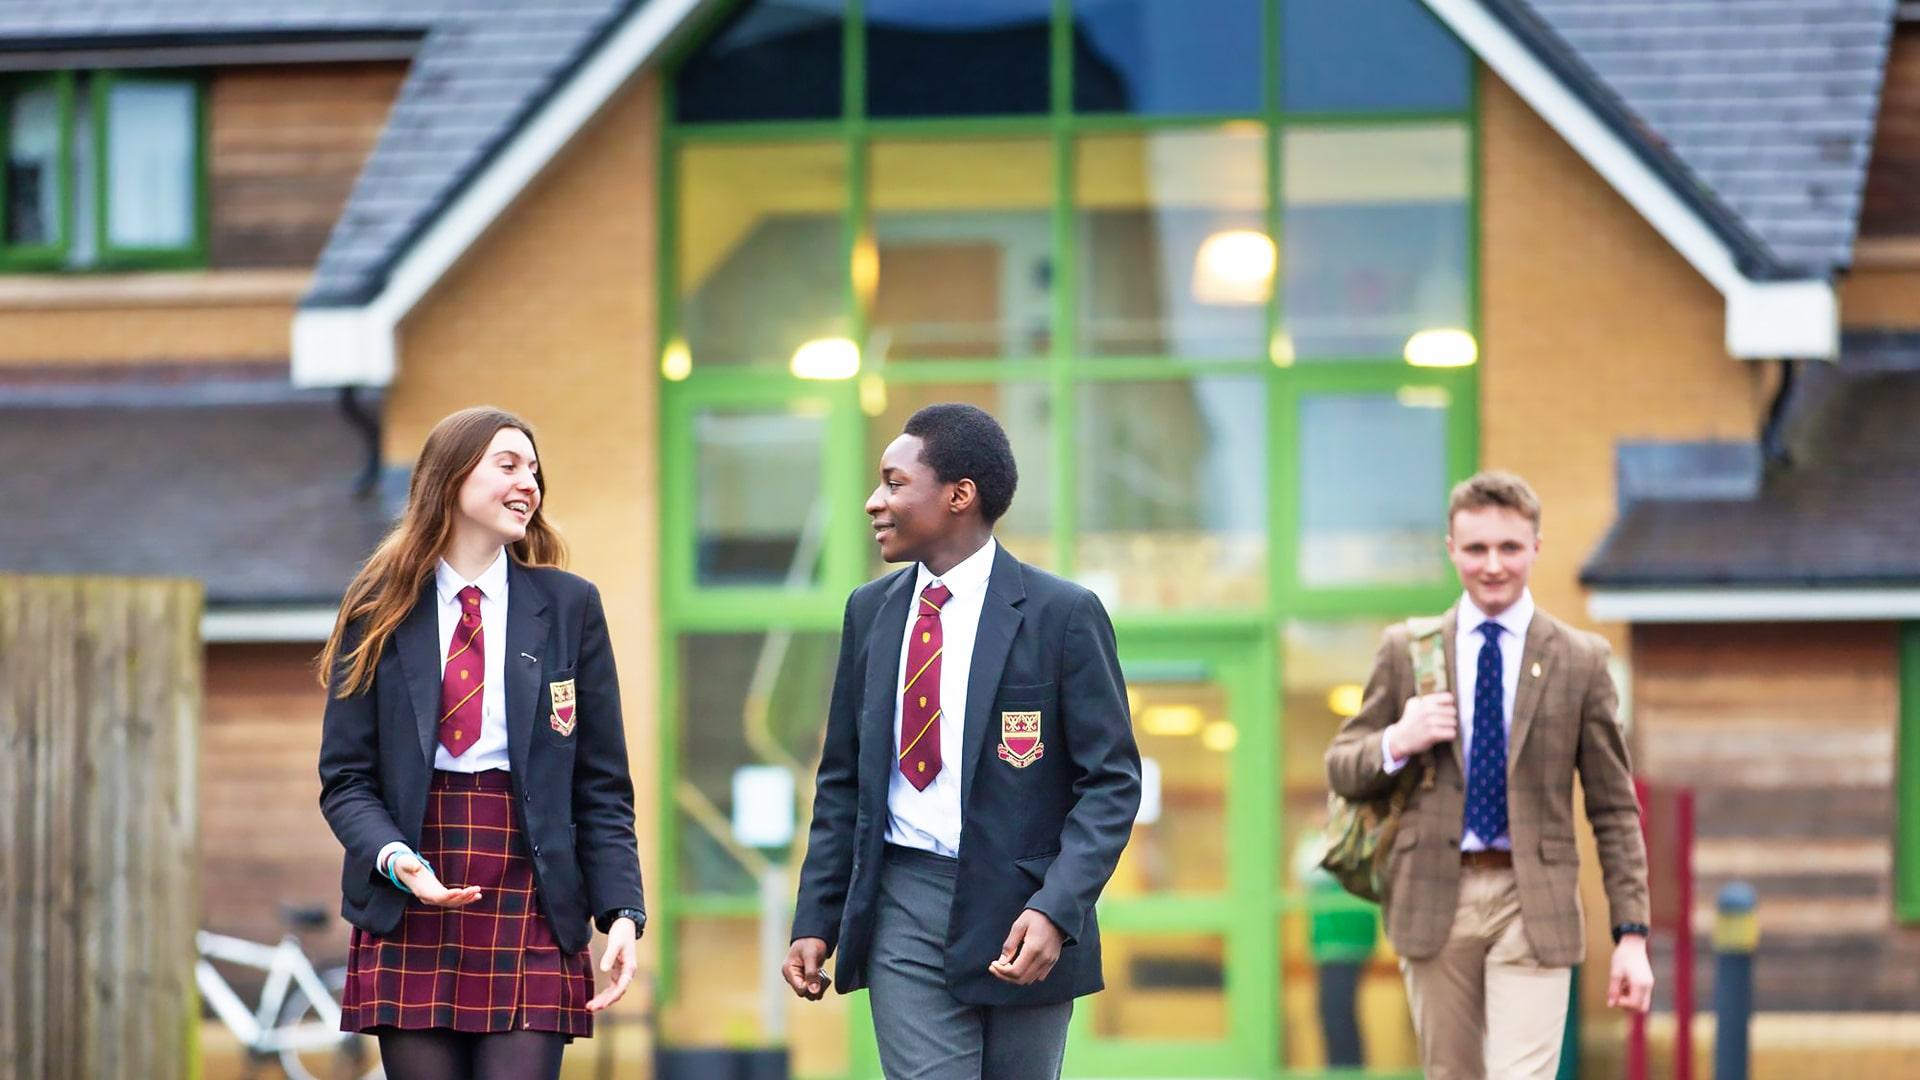 Estudiar un año escolar en internados públicos en Inglaterra